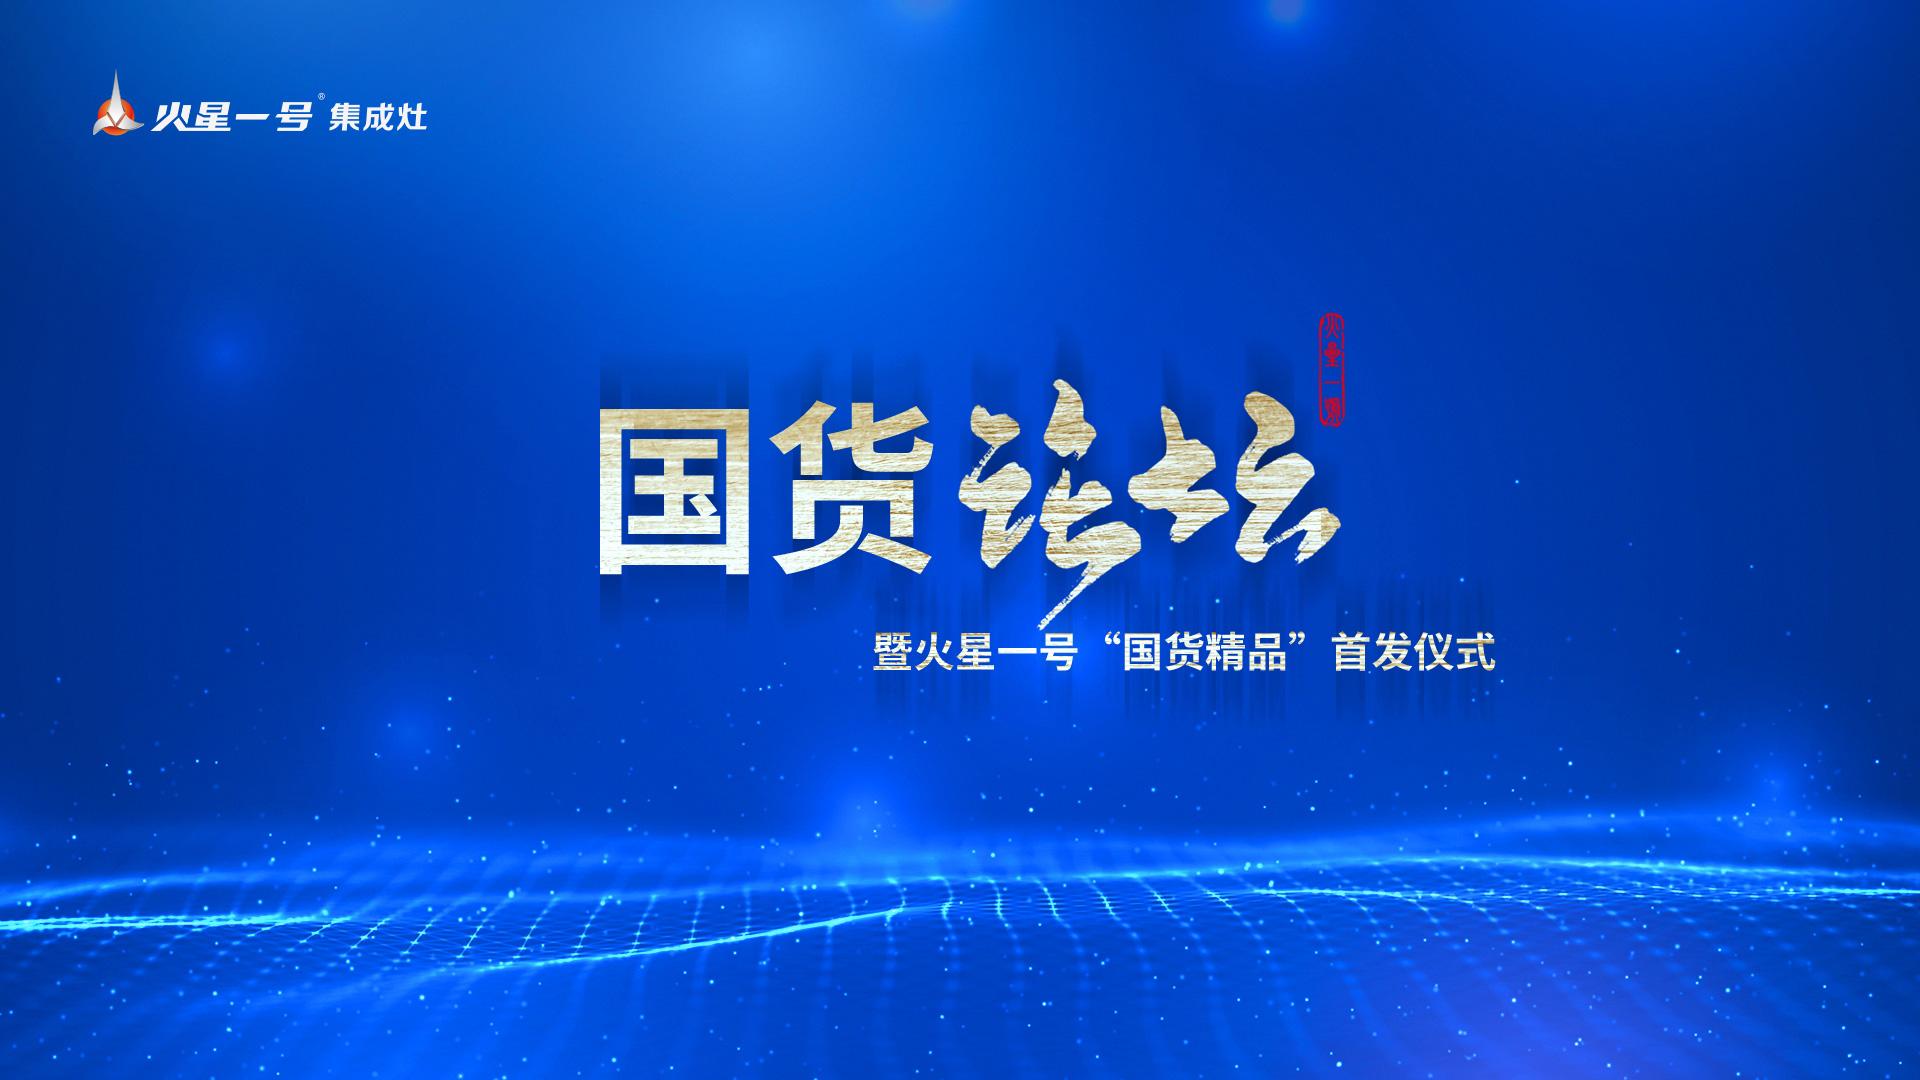 """腾讯直播丨国货论坛暨火星一号""""国货精品""""首发仪式"""